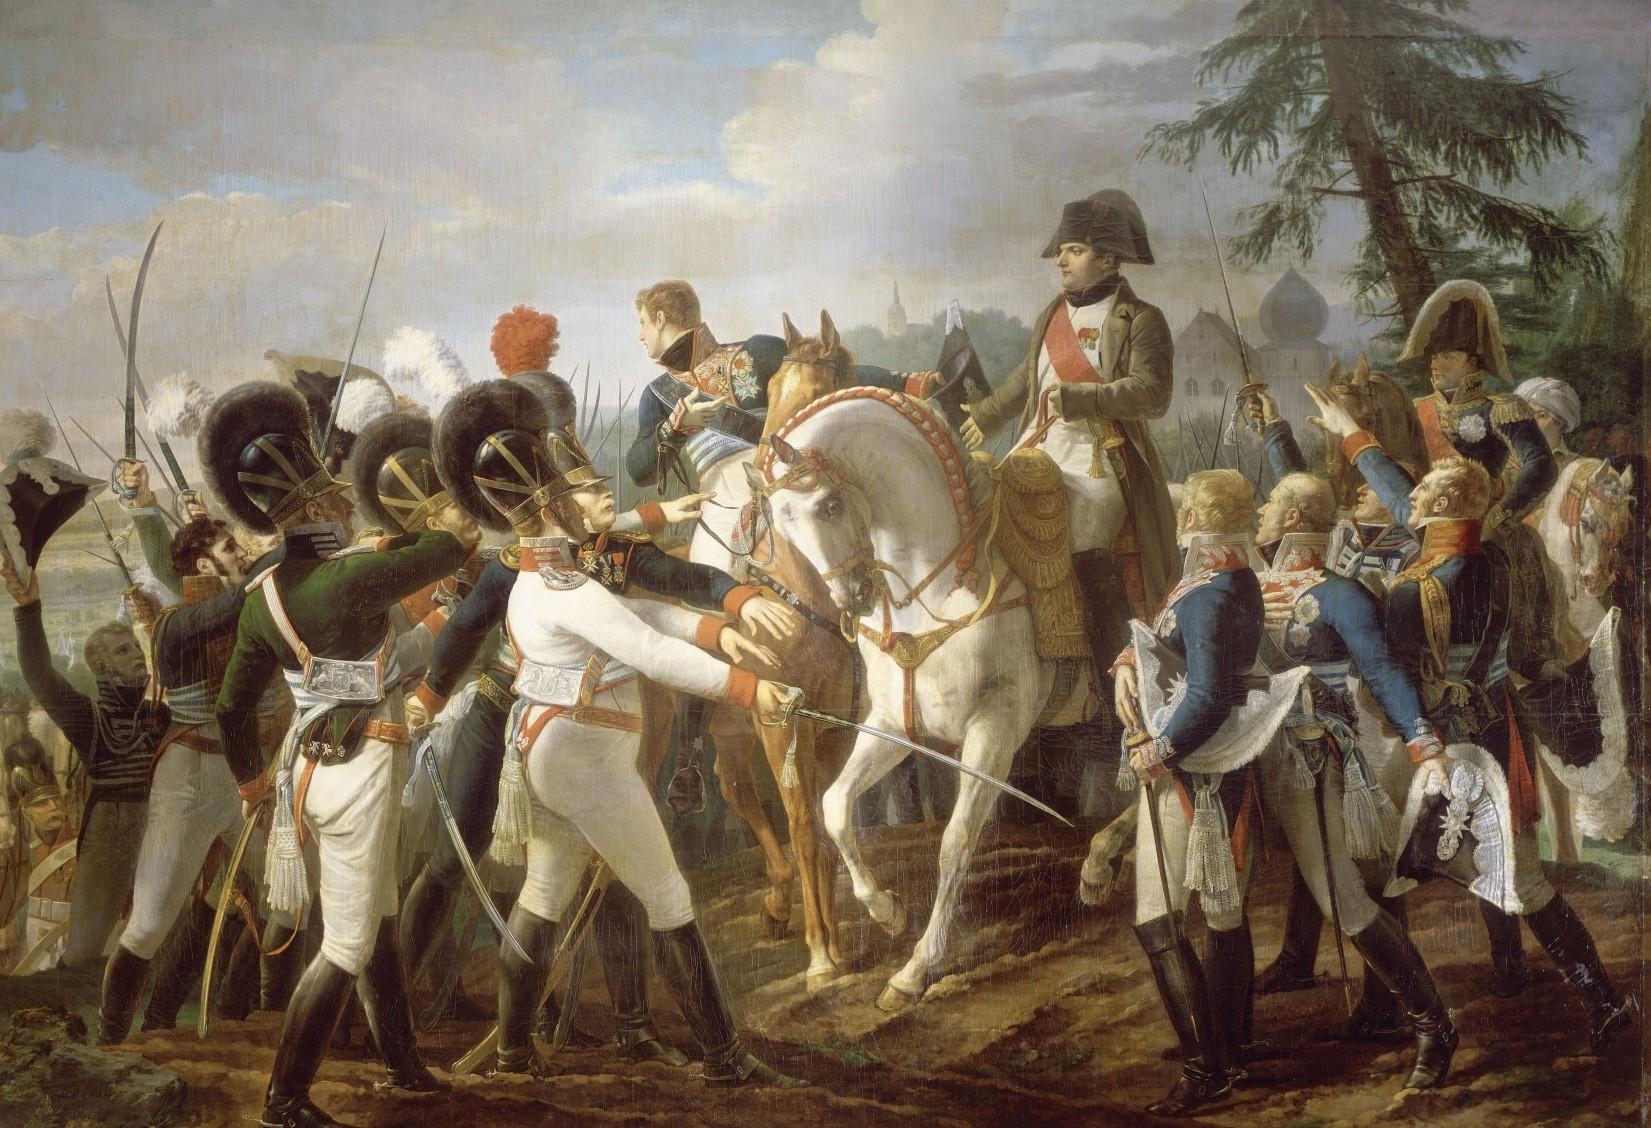 """""""Napoléon harangue les troupes bavaroises et wurtembourgeoises à Abensberg. 20. Avril 1809"""", Jean-Baptiste Debret, Öl auf Leinwand, (368 cm x 494 cm), 1810 Versailles; Musée national du Château et des Trianons."""